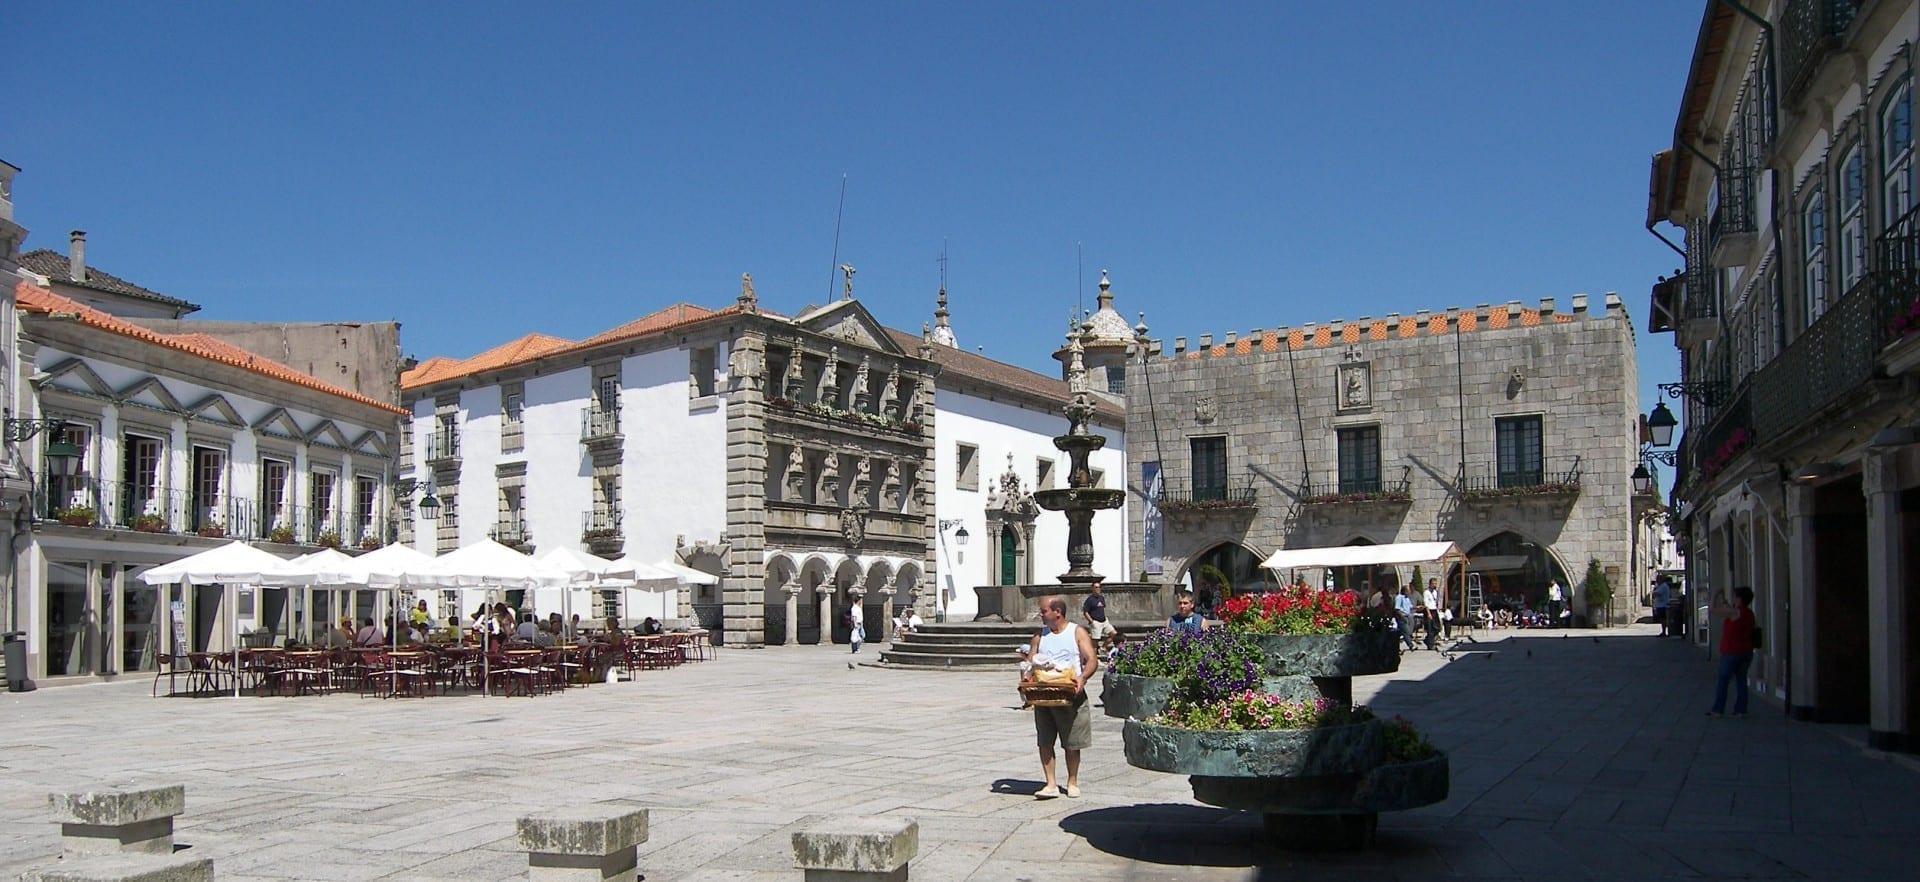 La Plaza de la República. Viana do Castelo Portugal